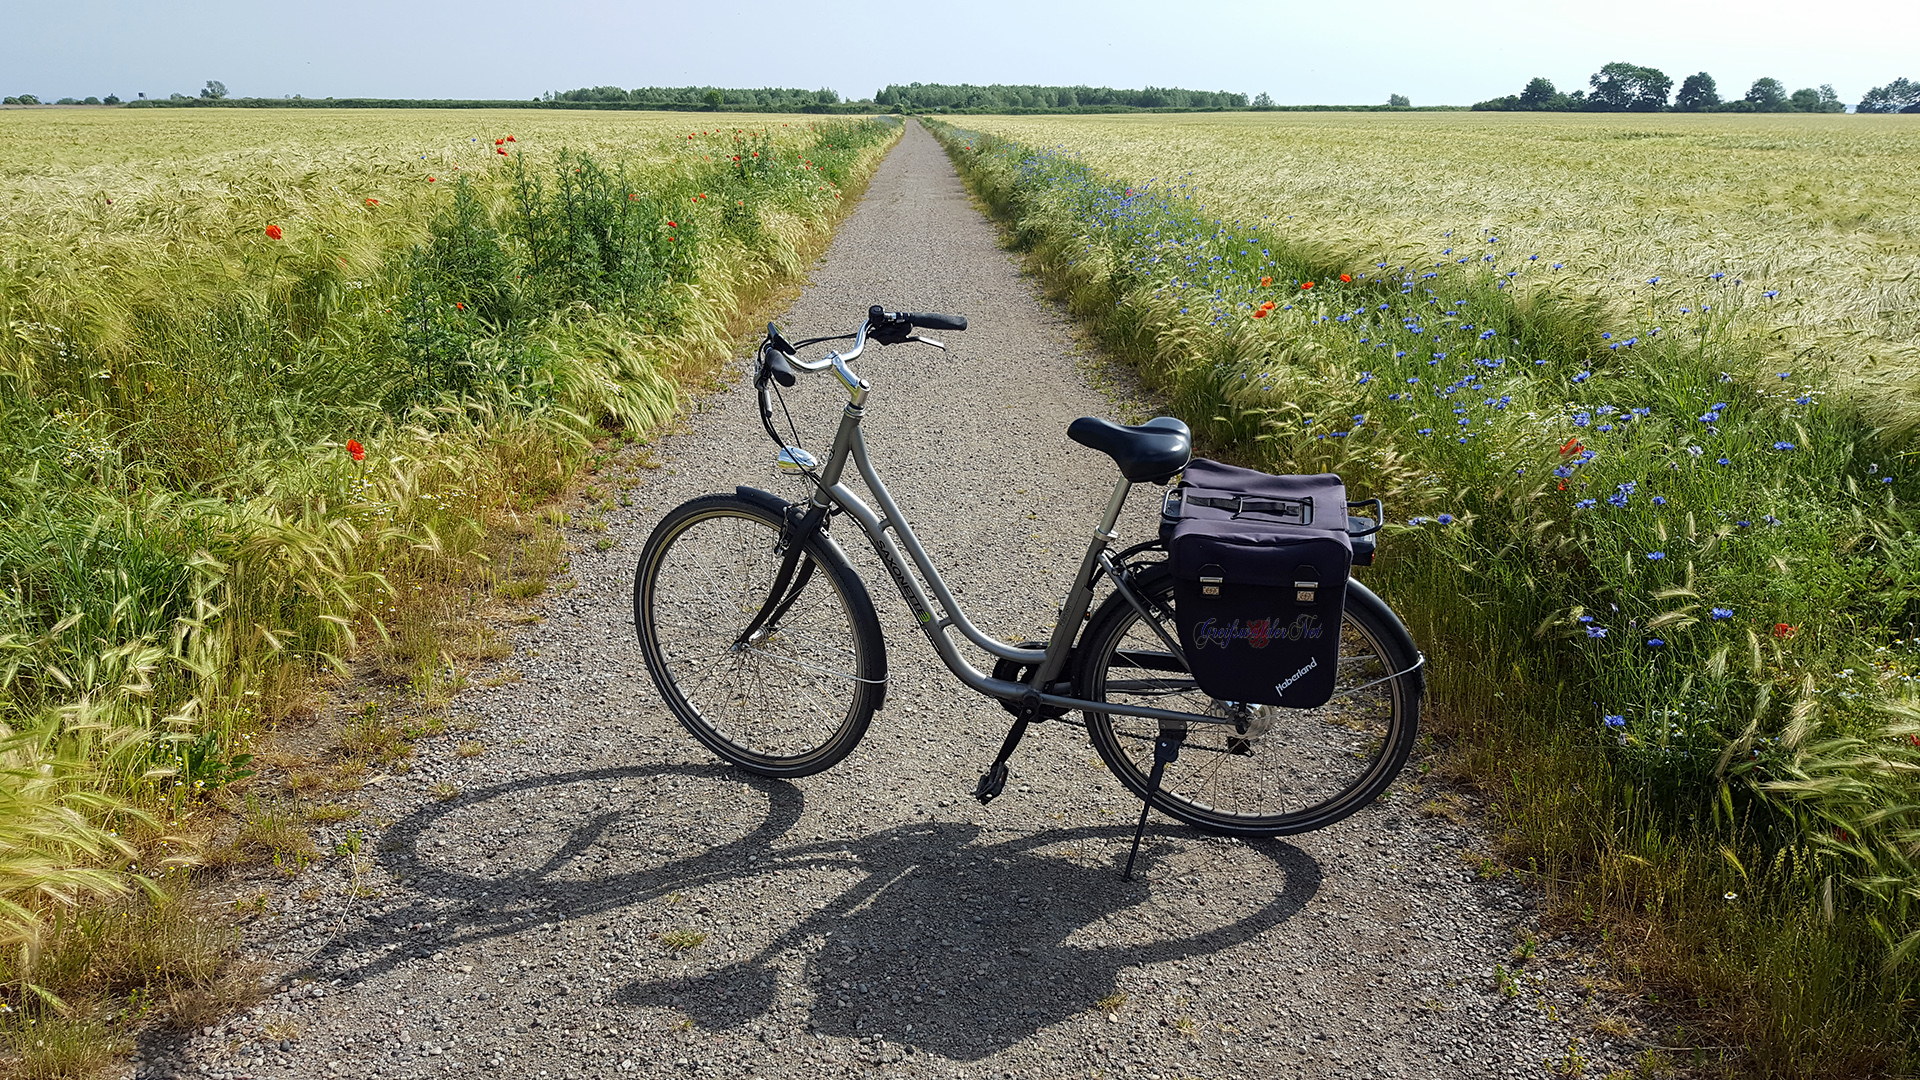 Radtour - Der Weg ist das Ziel